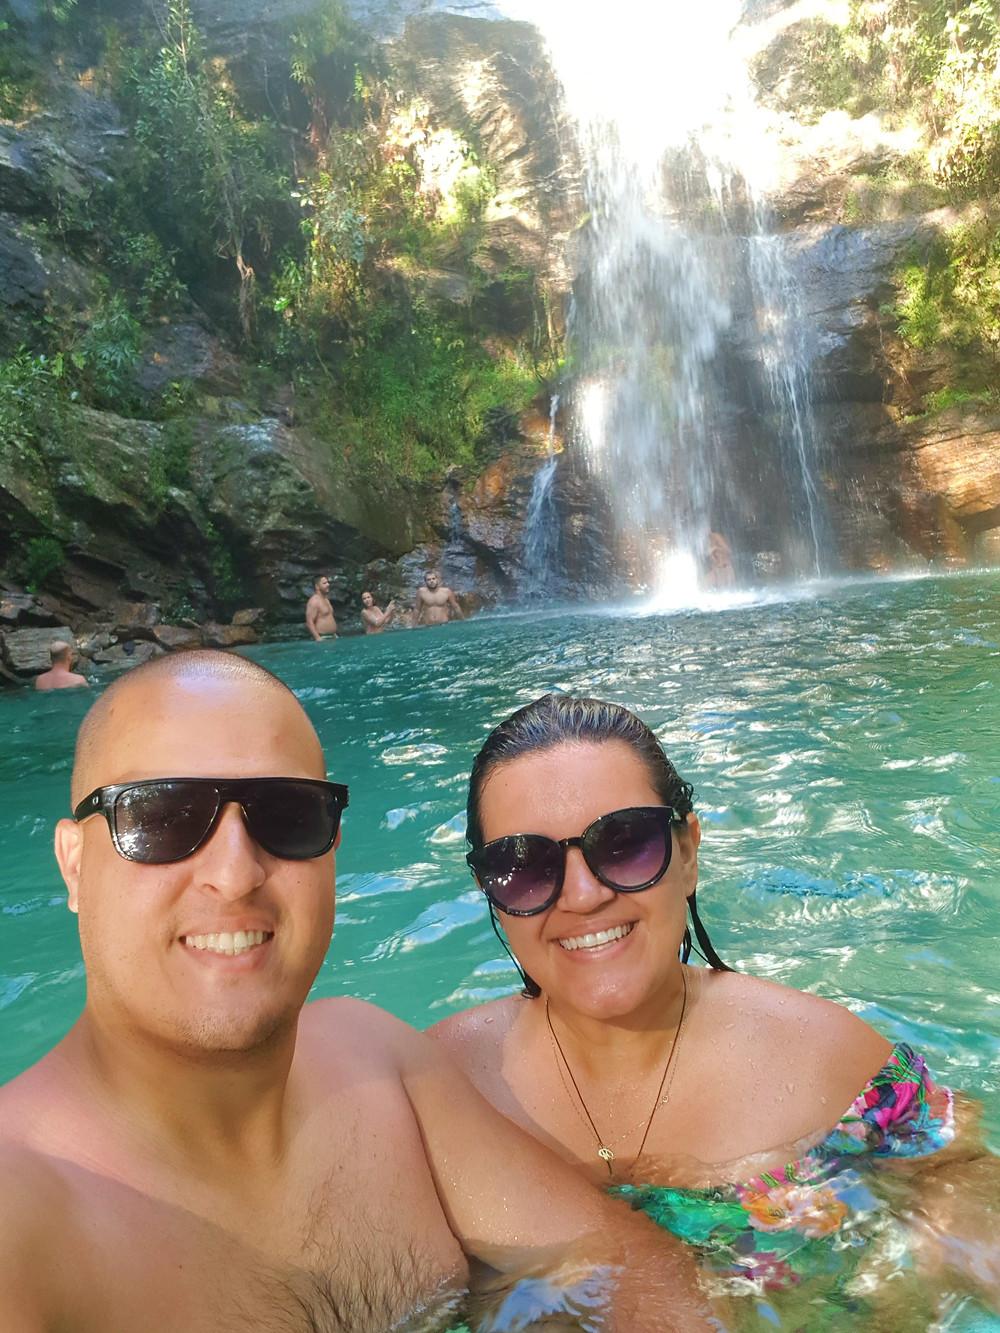 Famosa cachoeira de Santa Bárbara na Chapada dos Veadeiros